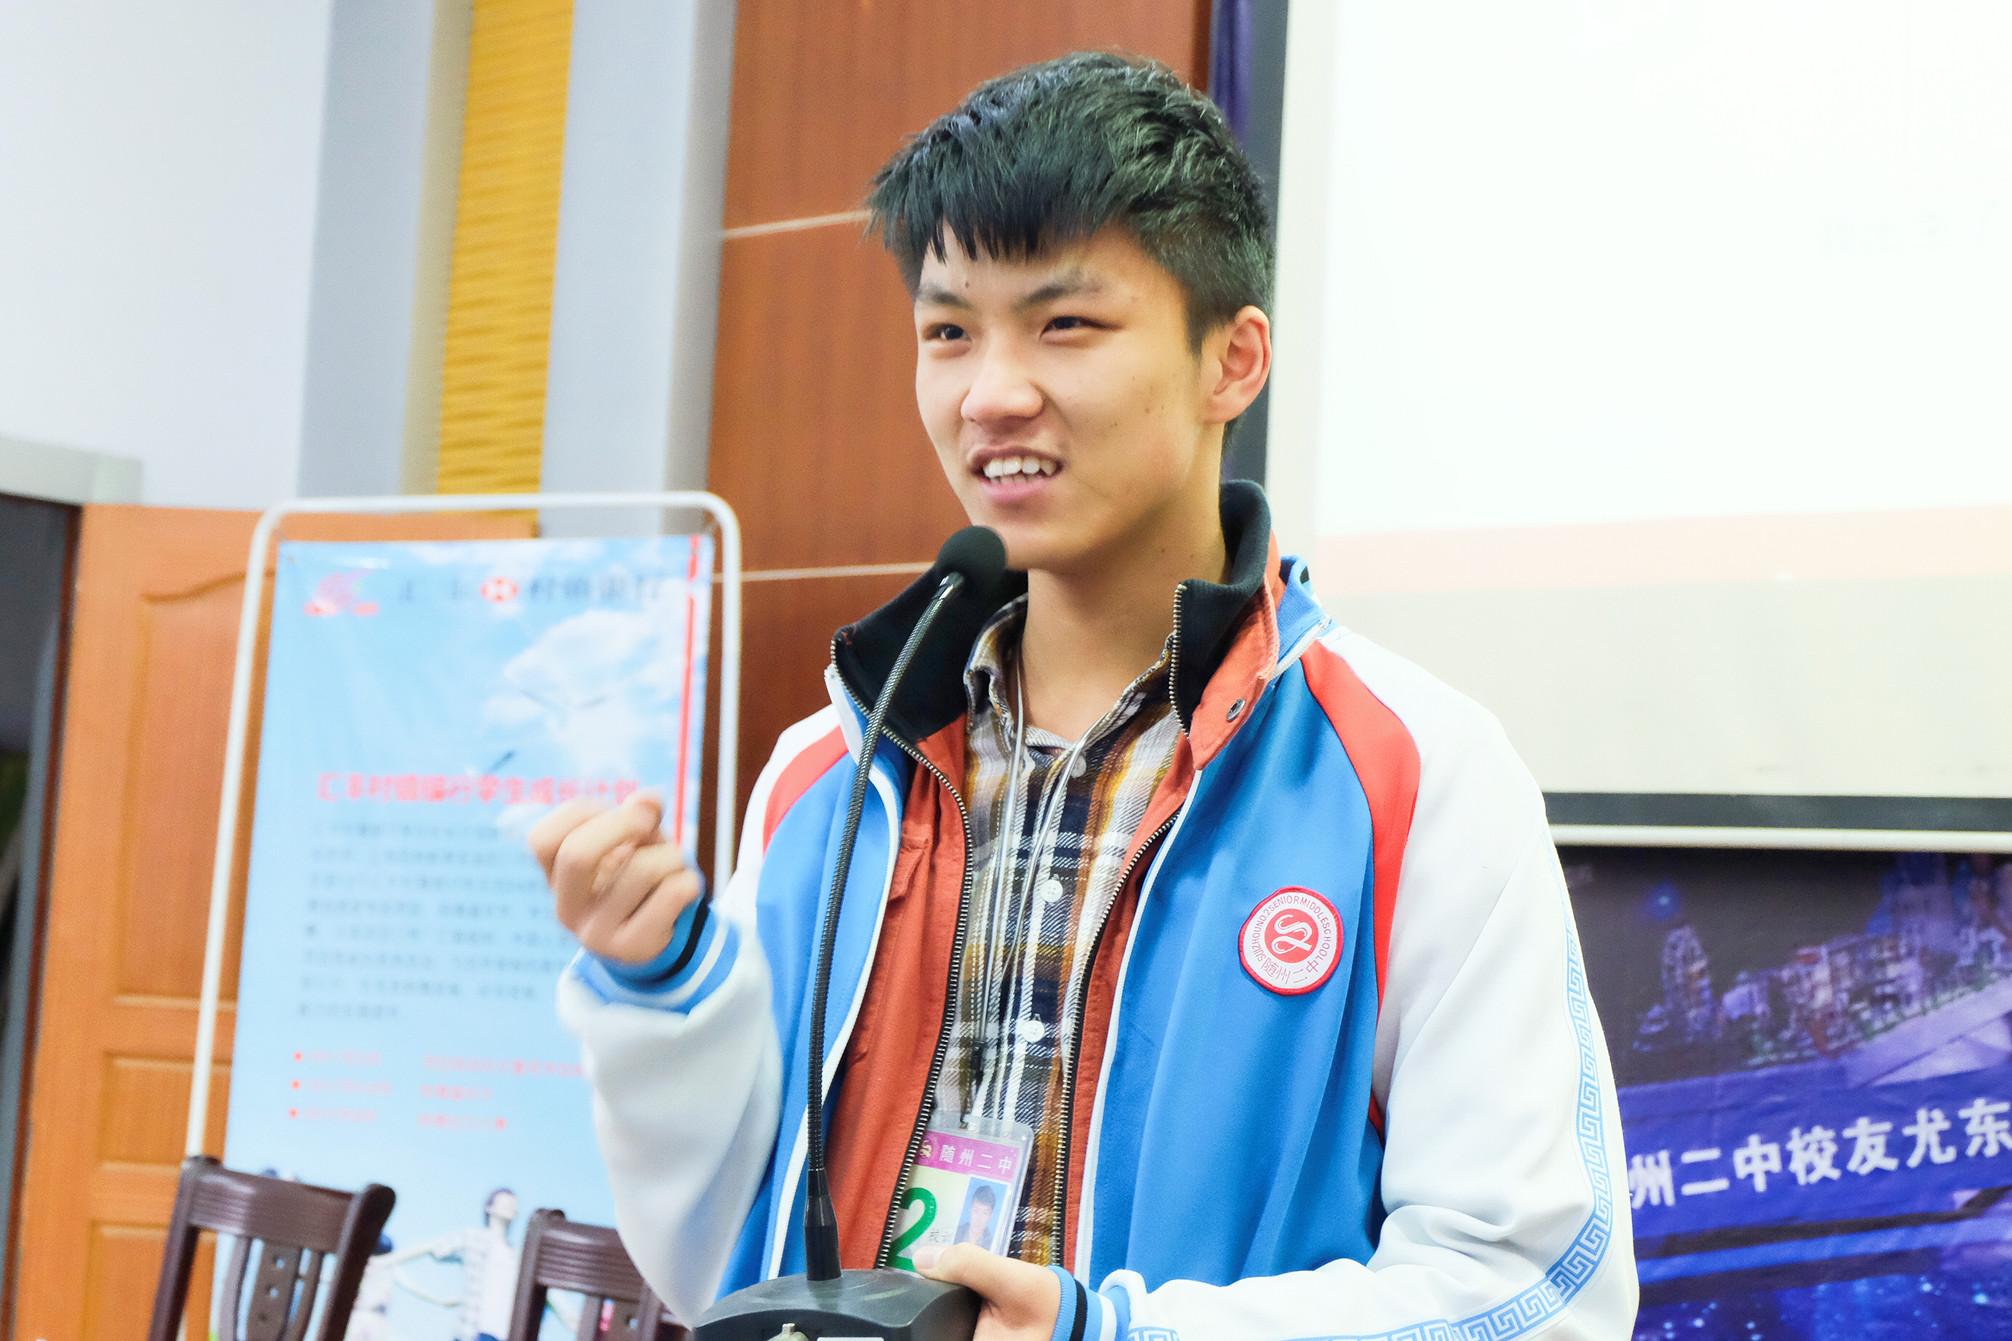 """汇智成财,丰硕人生——2017""""汇丰村镇银行学生成长计划"""""""